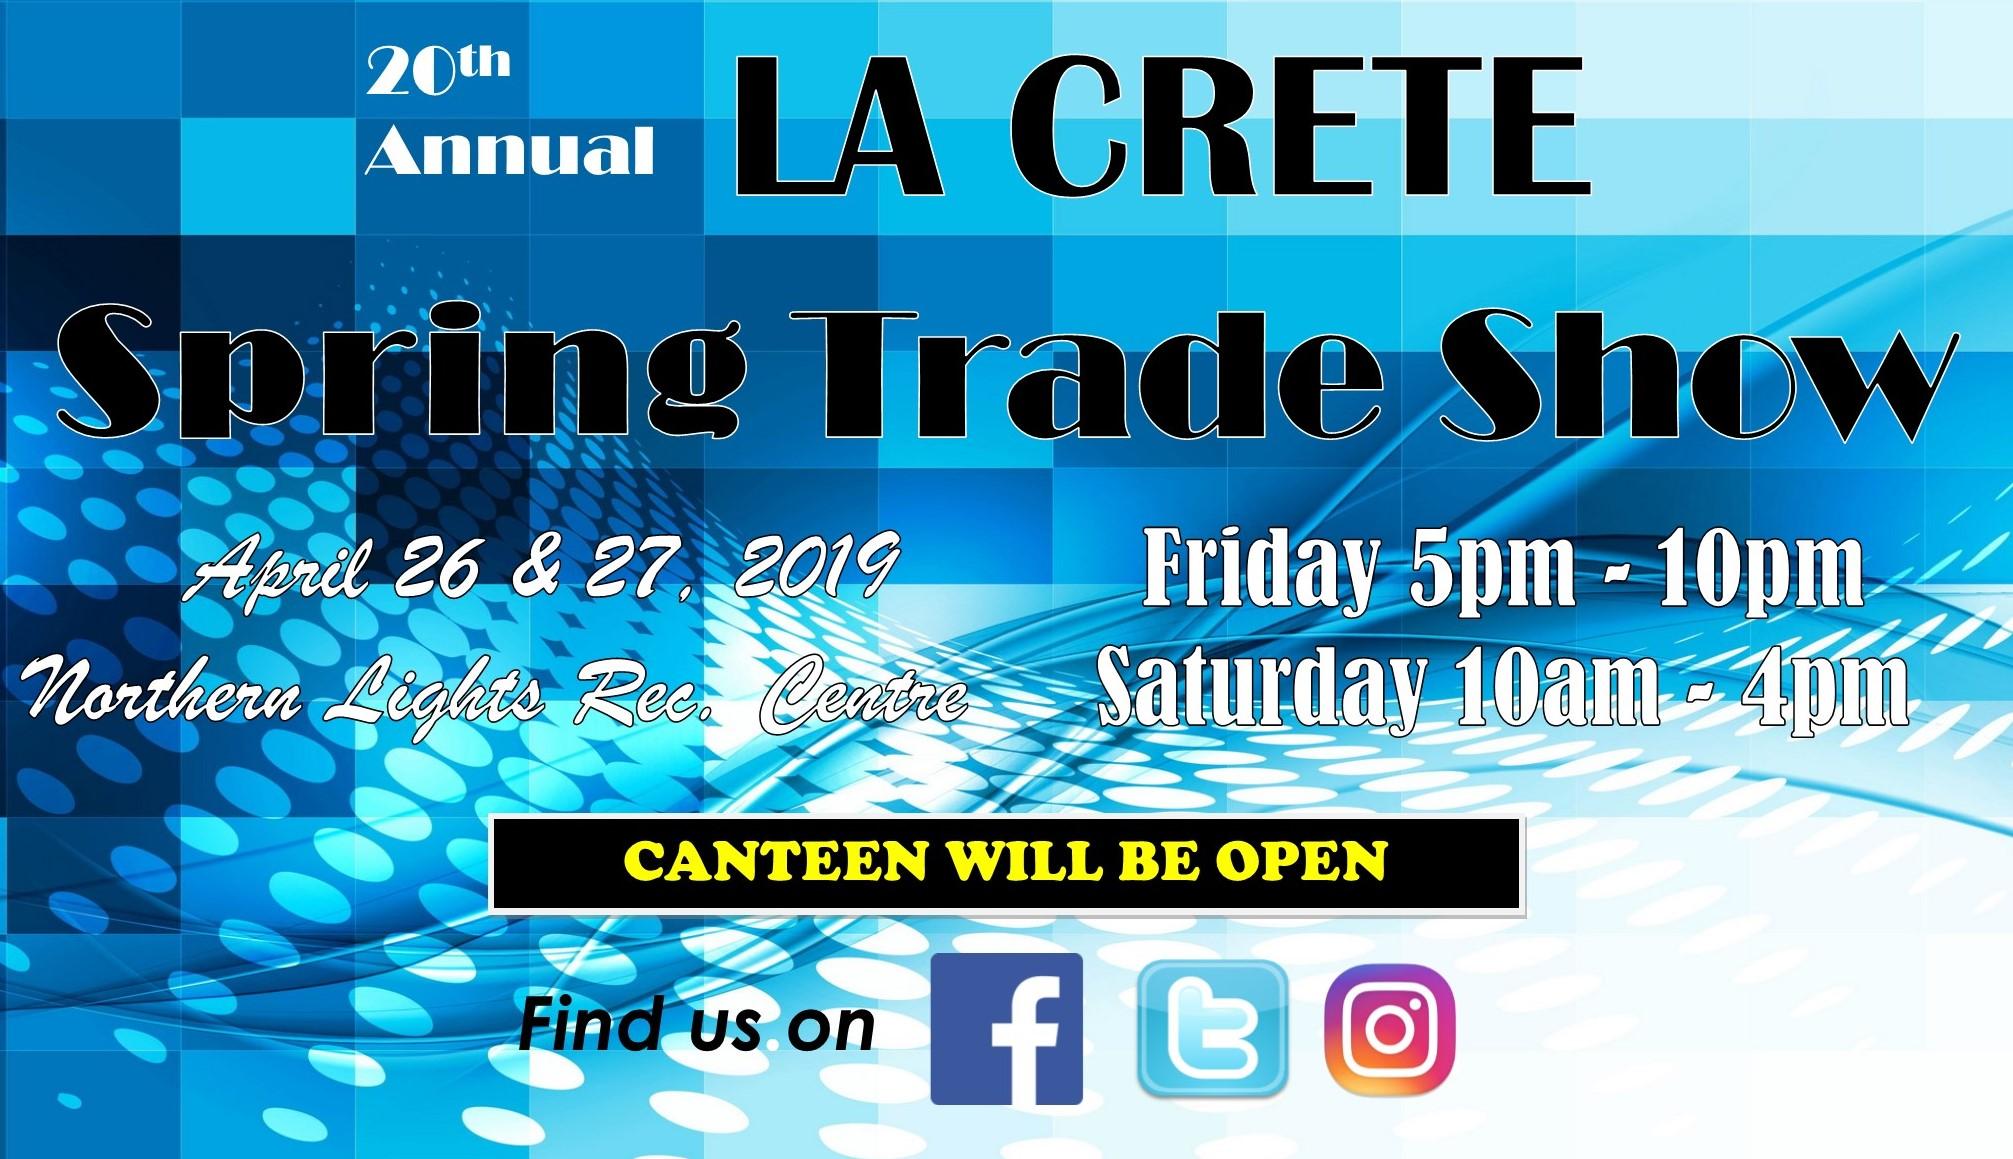 2019 Trade Show Facebook Cover